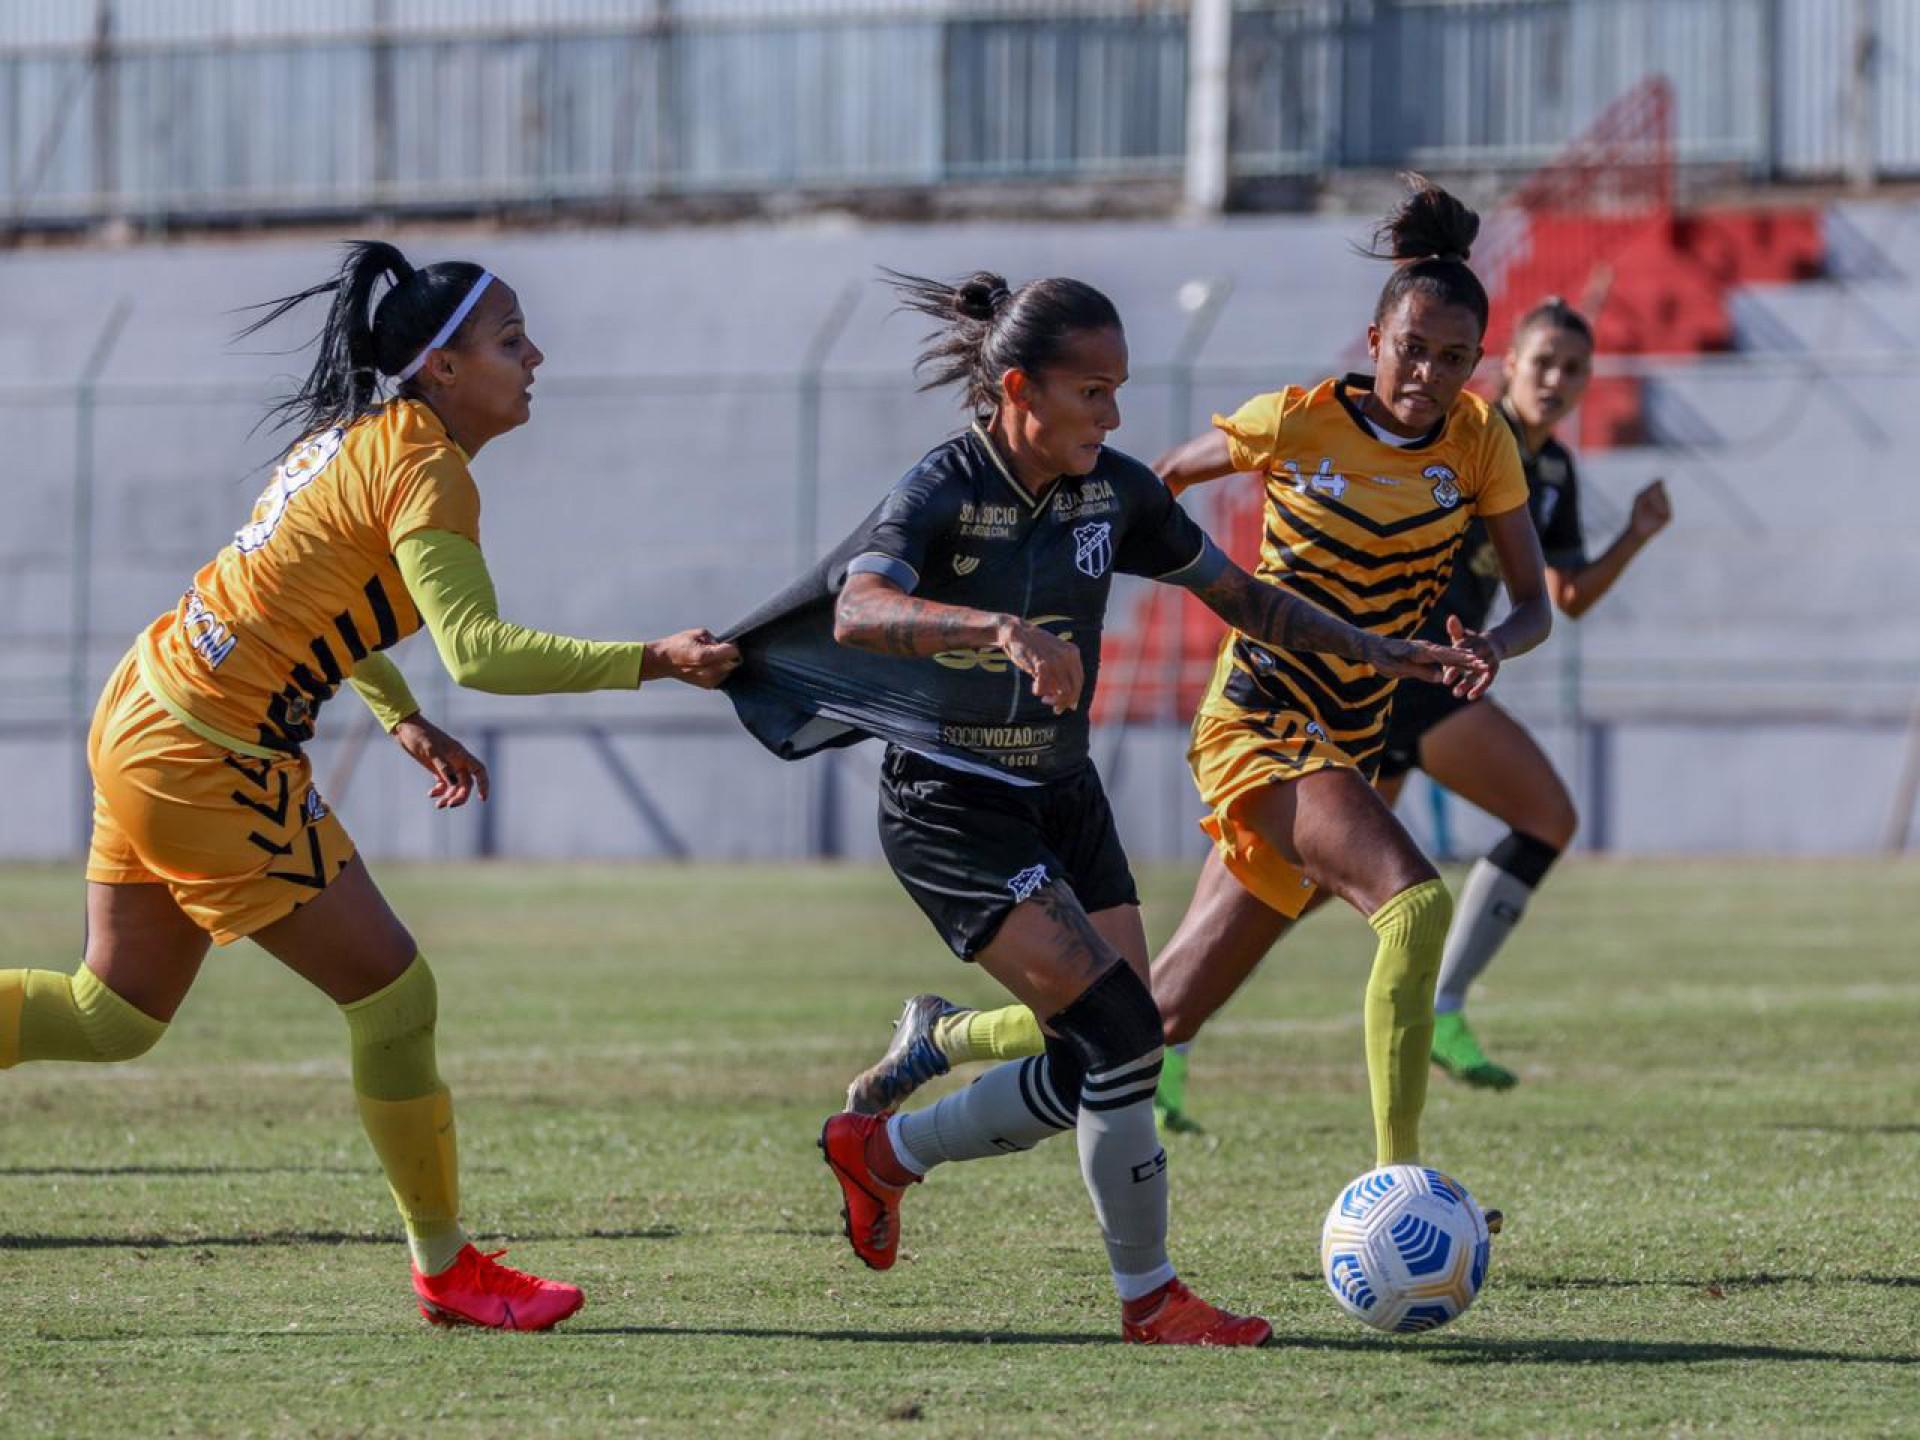 Cresspom conseguiu segurar o ímpeto do Ceará e ficou com a vaga na elite do futebol feminino brasileiro (Foto: Júlio César Silva/Ceará SC)